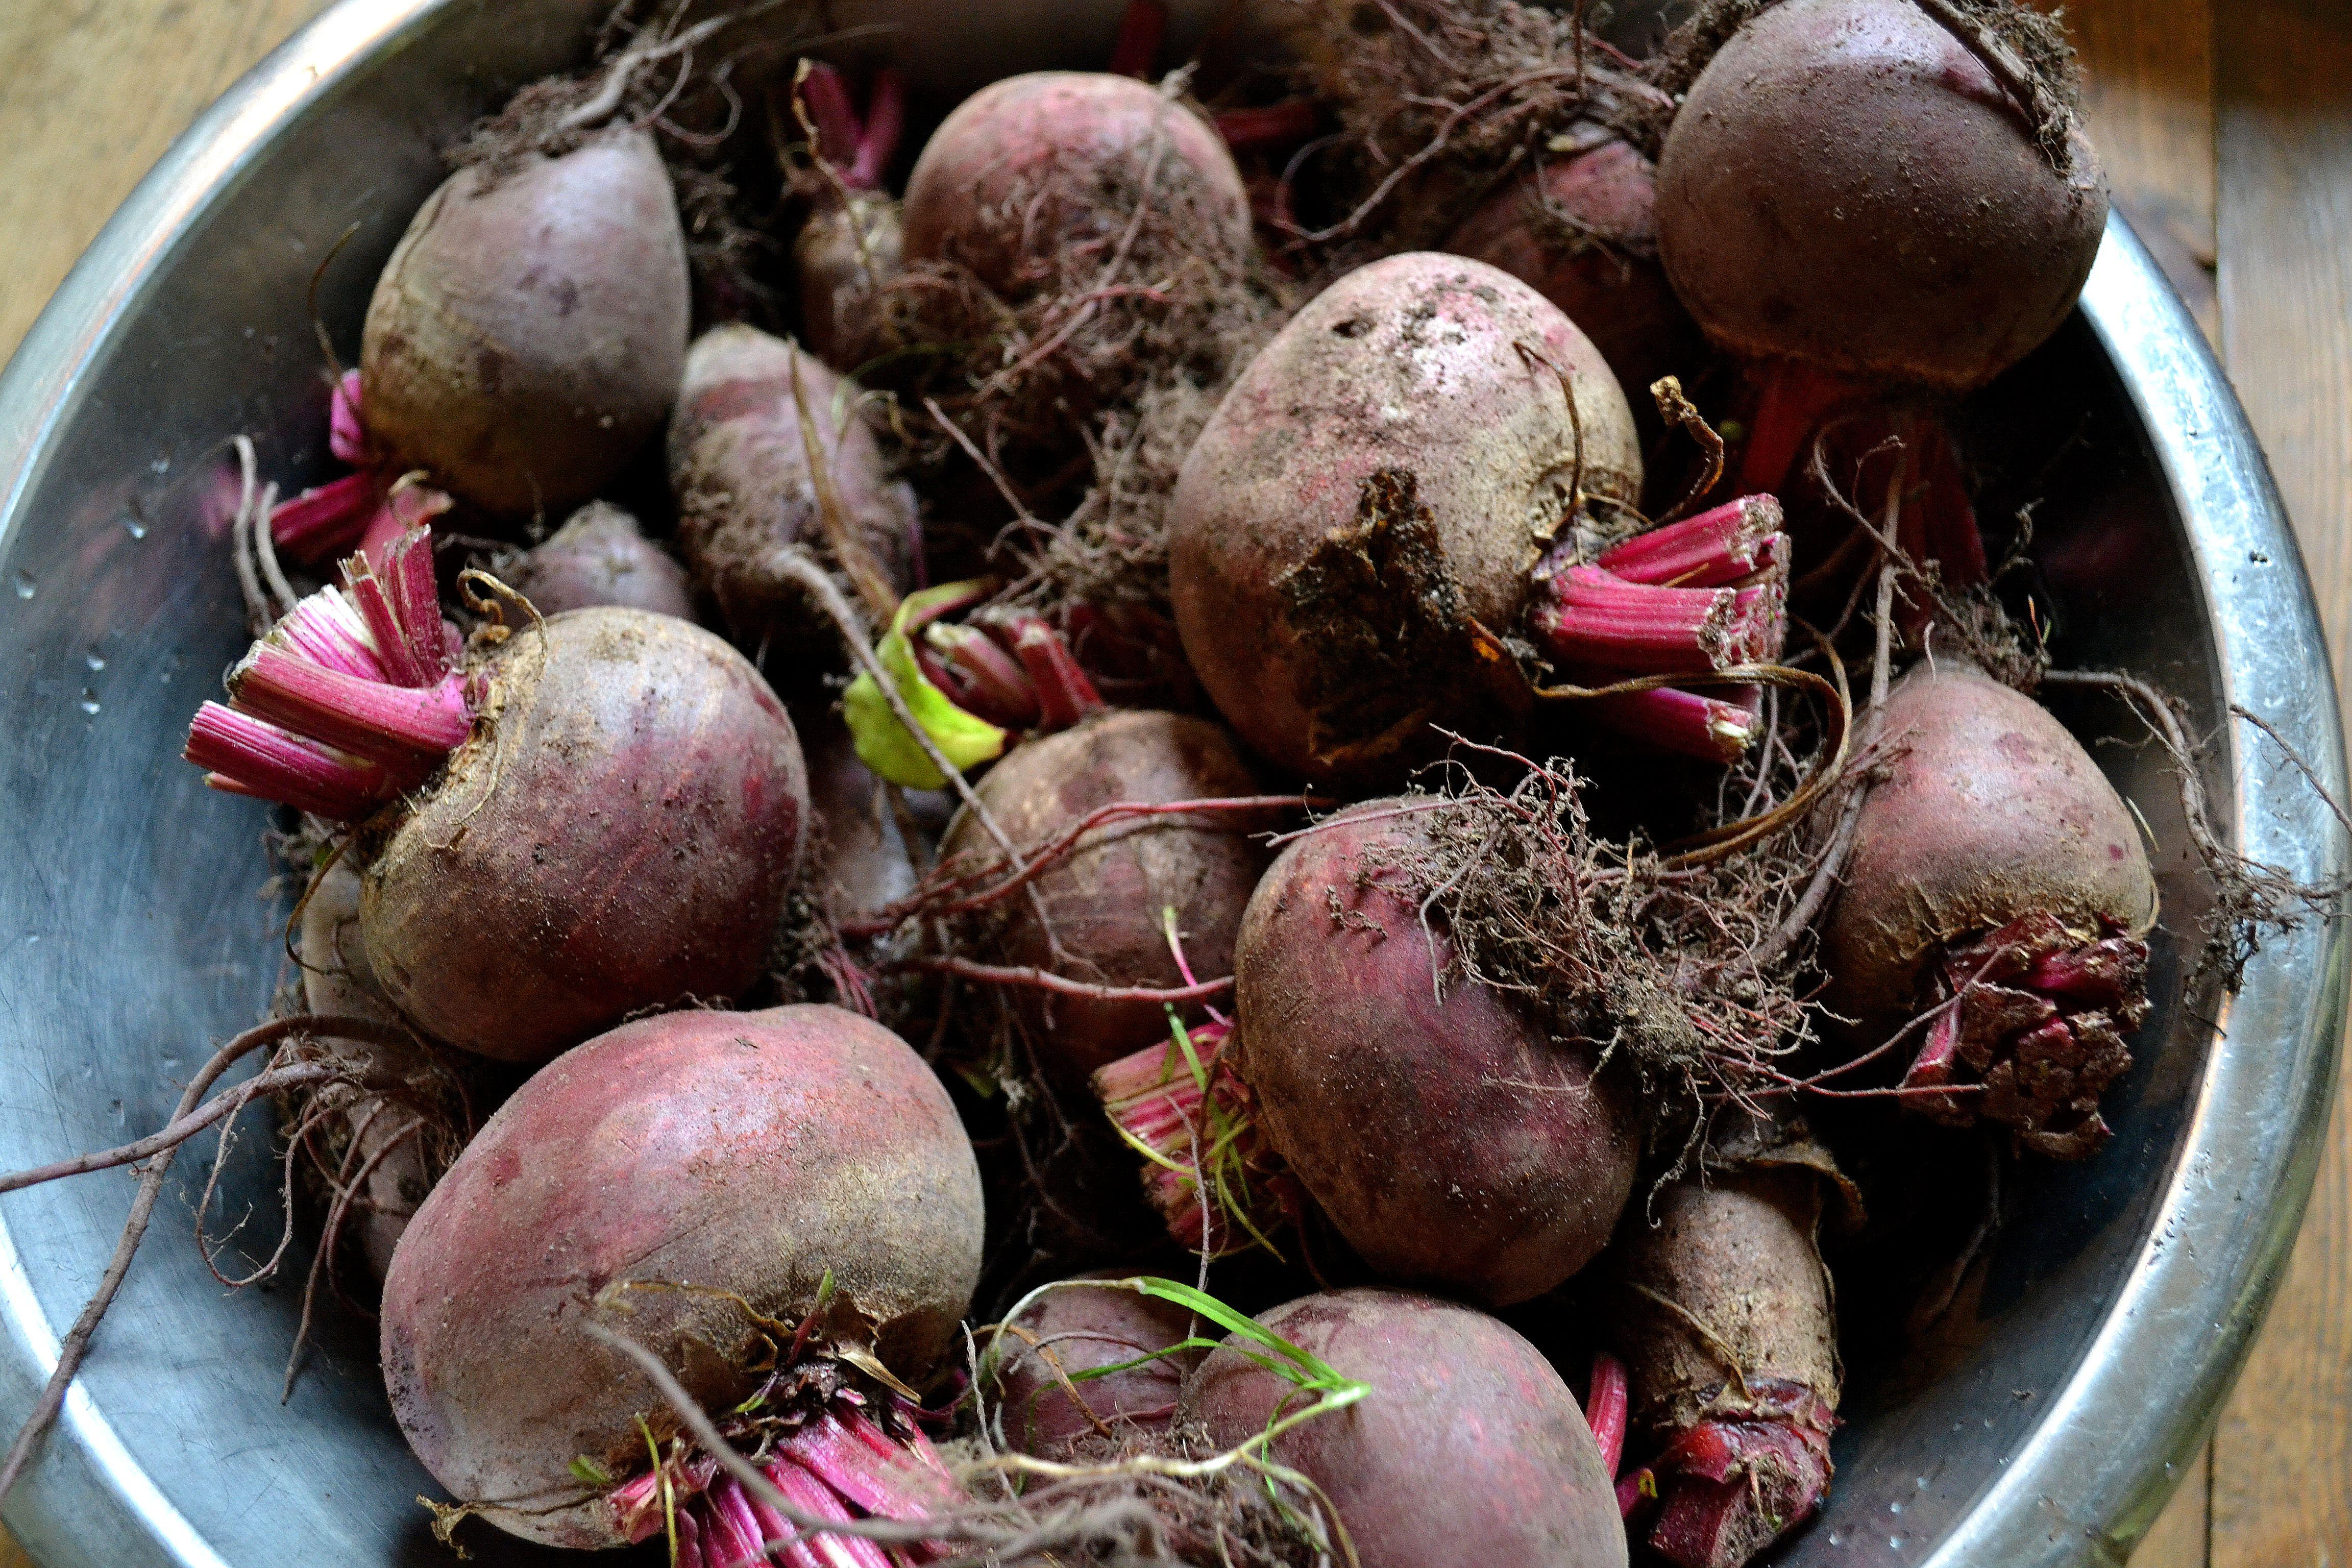 En rostfri skål med mängder av rödbetor i. Harvesting tips, beets.